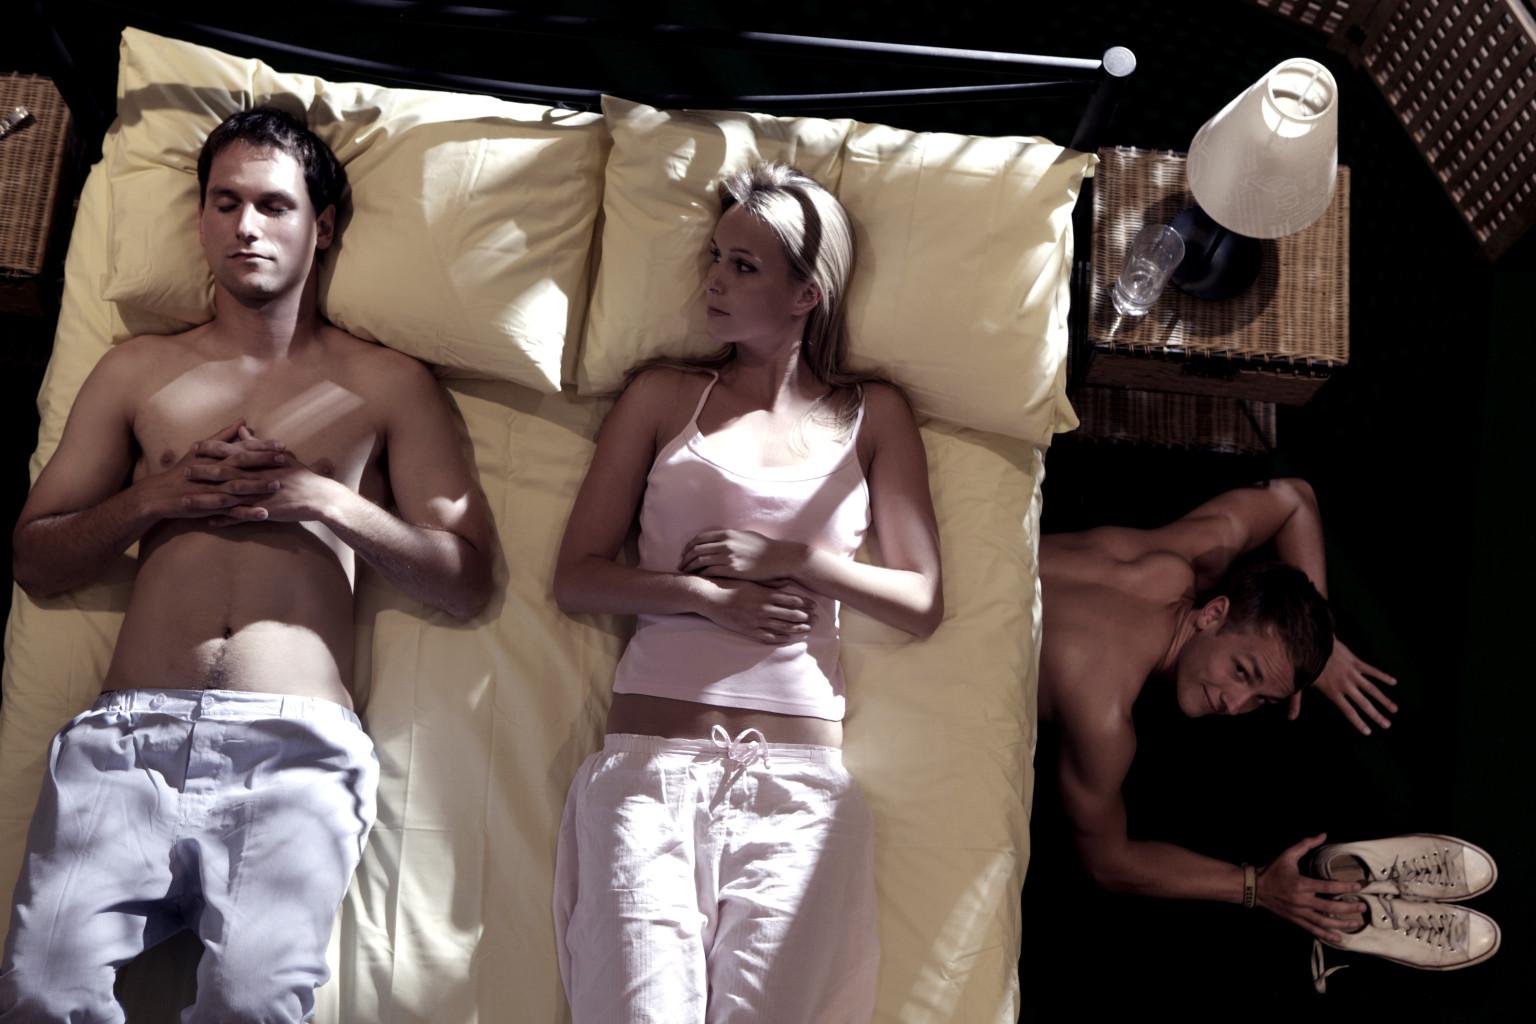 Прелюбодеяние или измена это качество личности, проявляется в периодическом нарушении супружеской Верности.